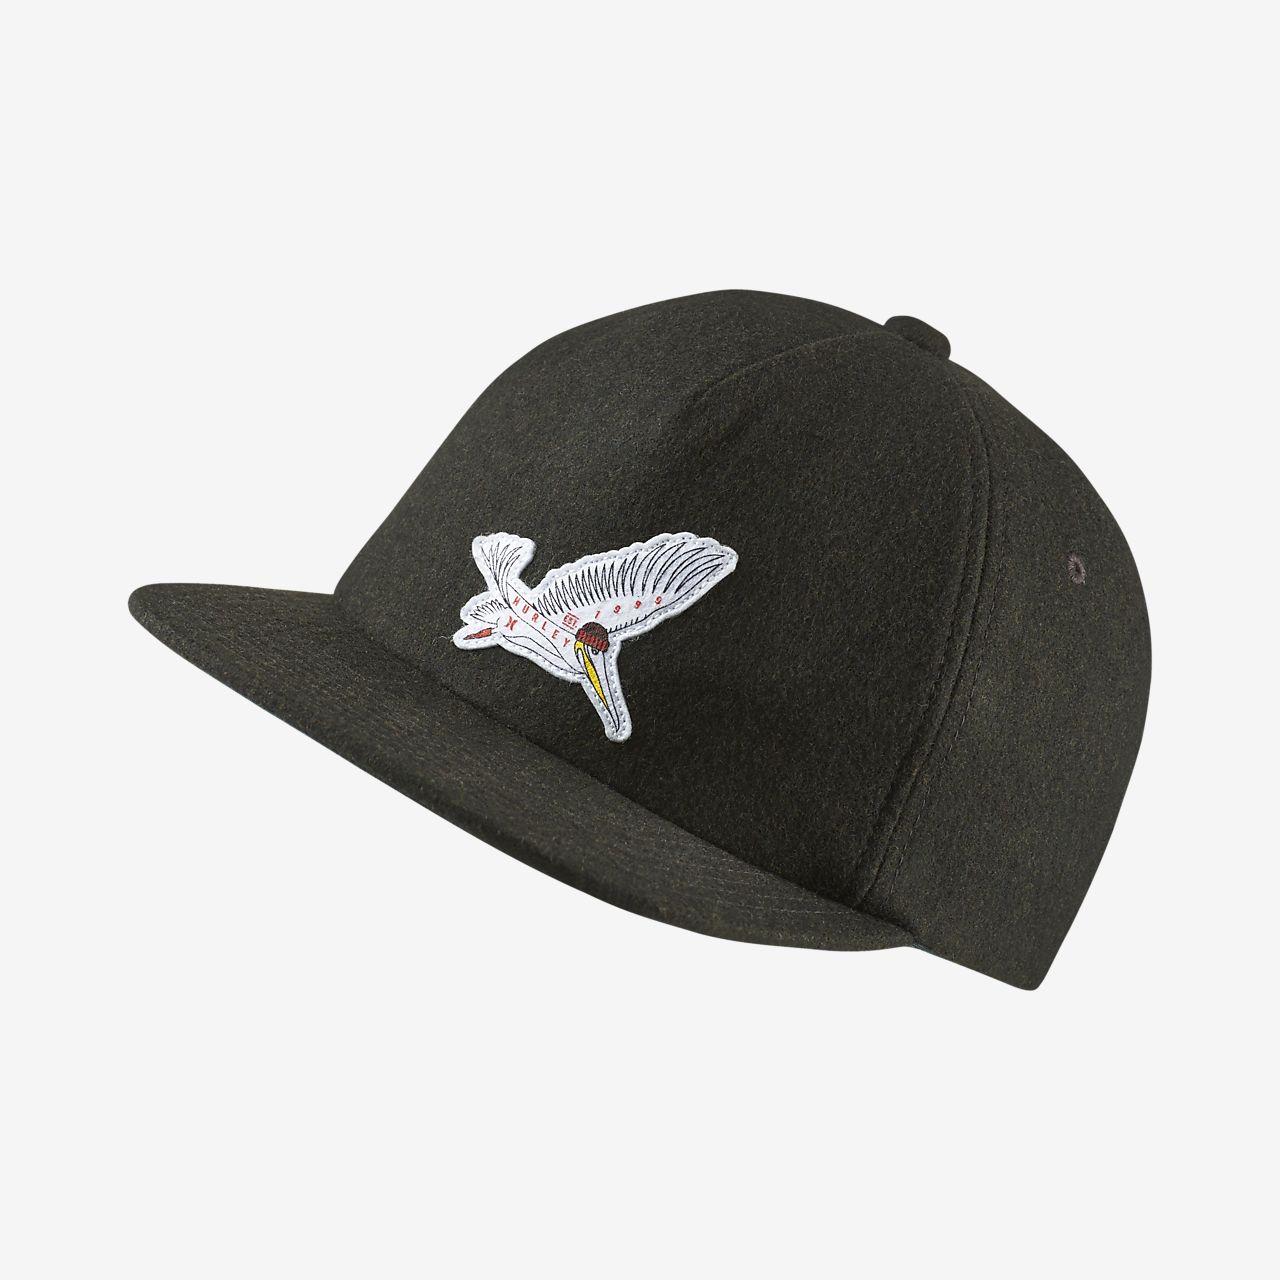 Hurley Dawn Patrol Herren-Cap